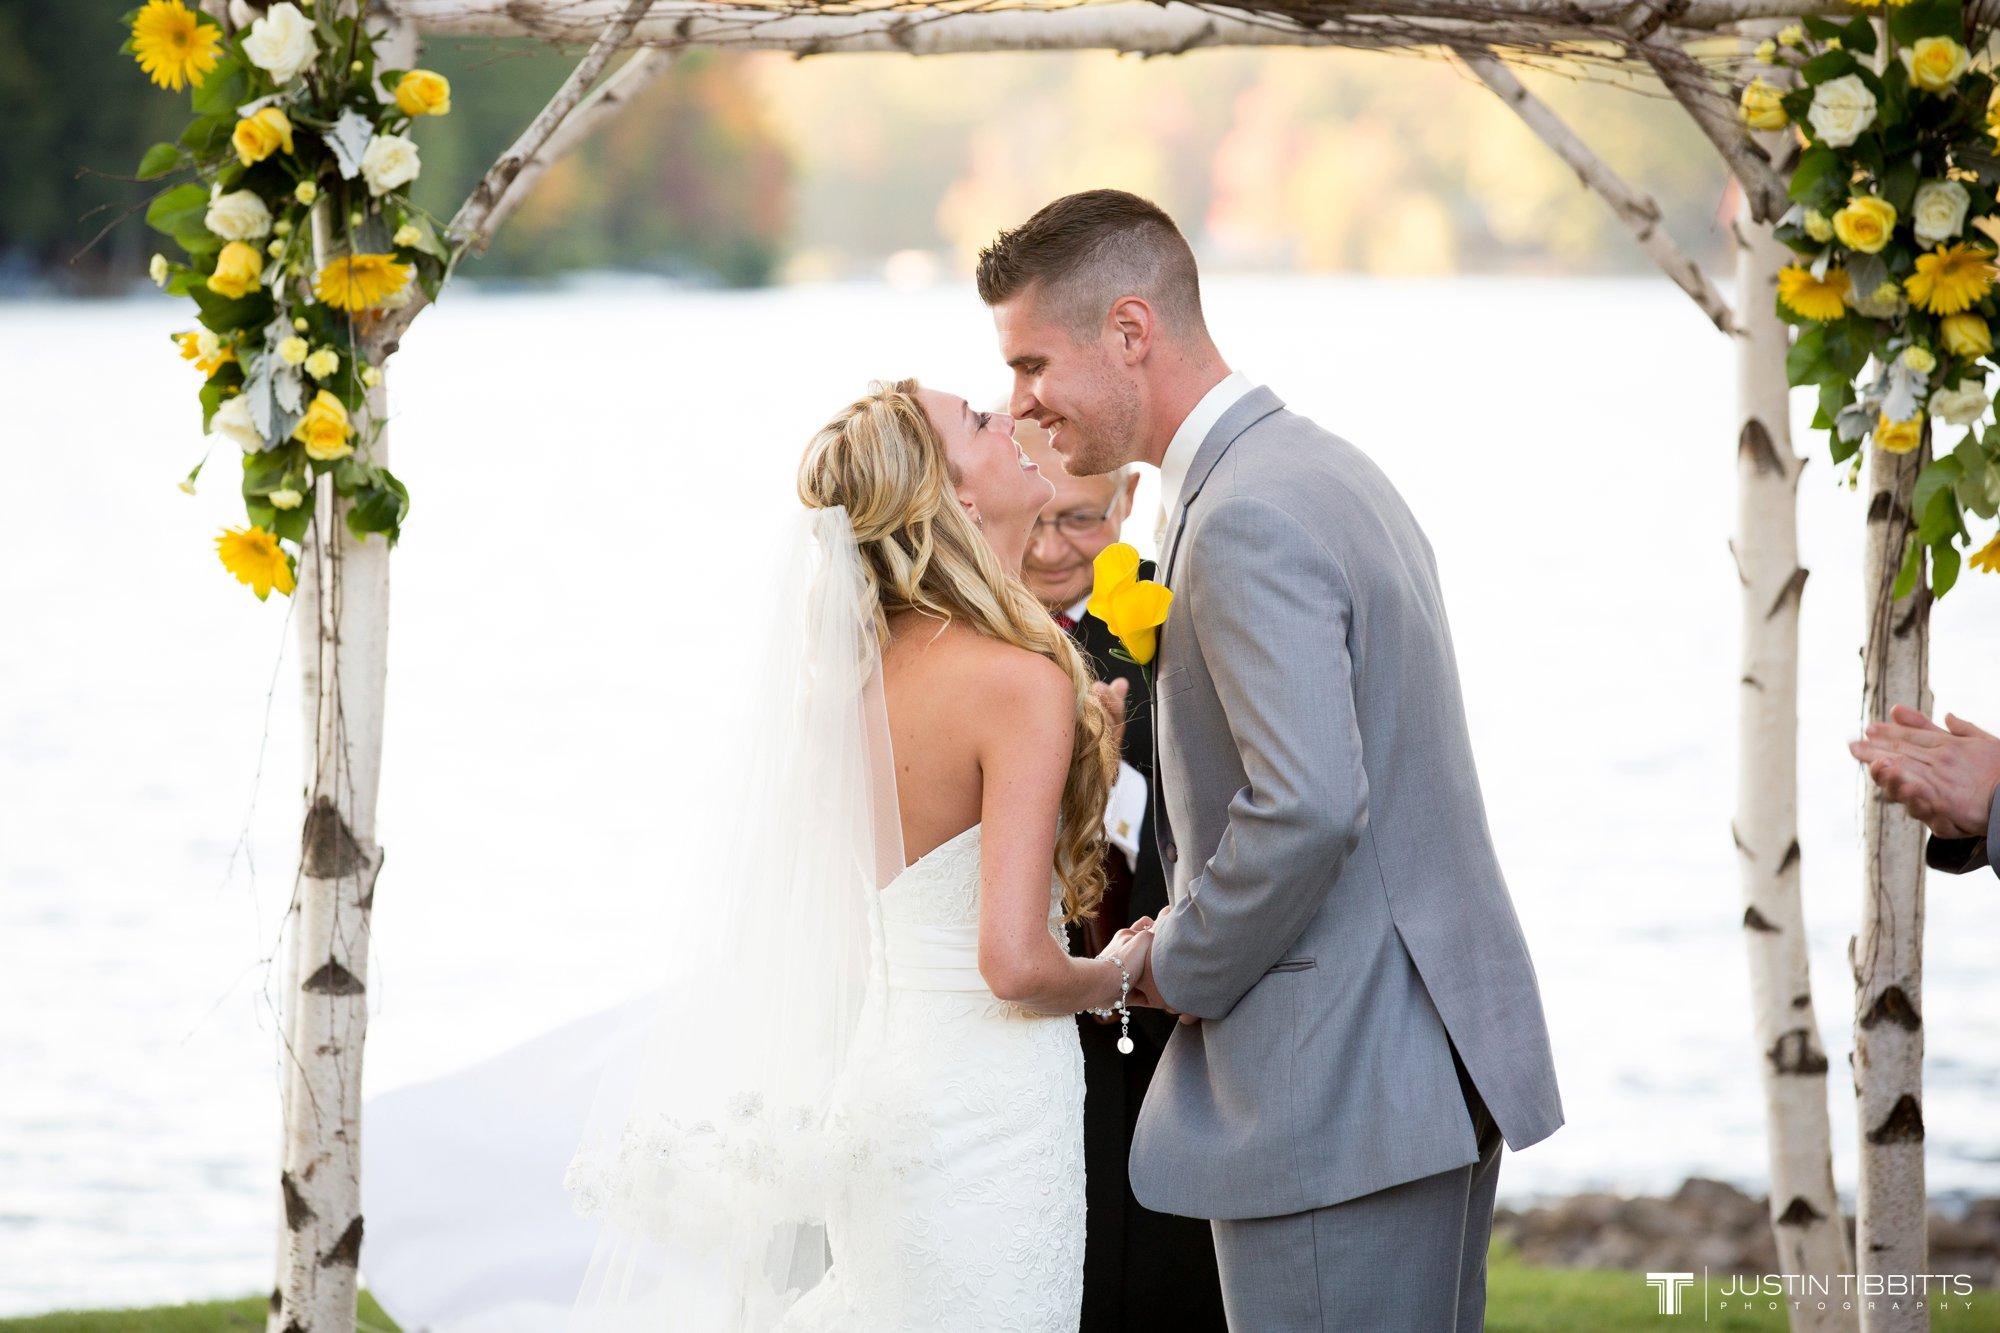 Albany NY Wedding Photographer Justin Tibbitts Photography 2014 Best of Albany NY Weddings-10973971